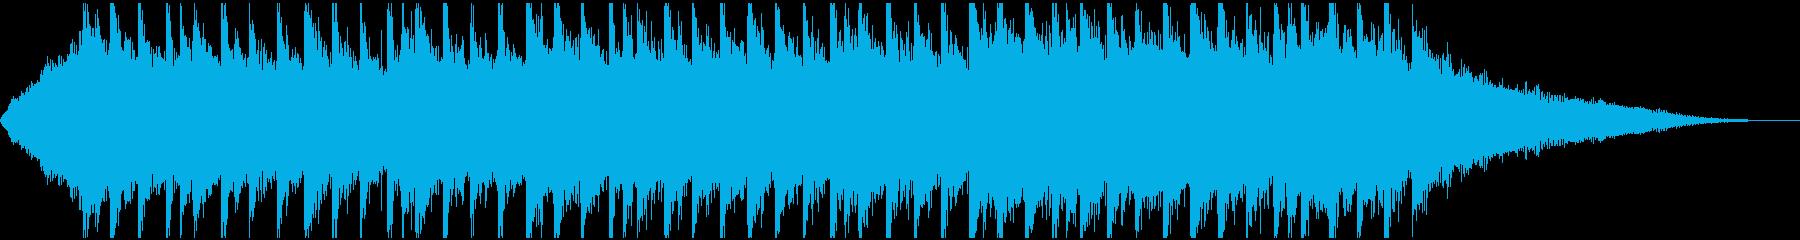 30秒ver企業VP,コーポレート,元気の再生済みの波形